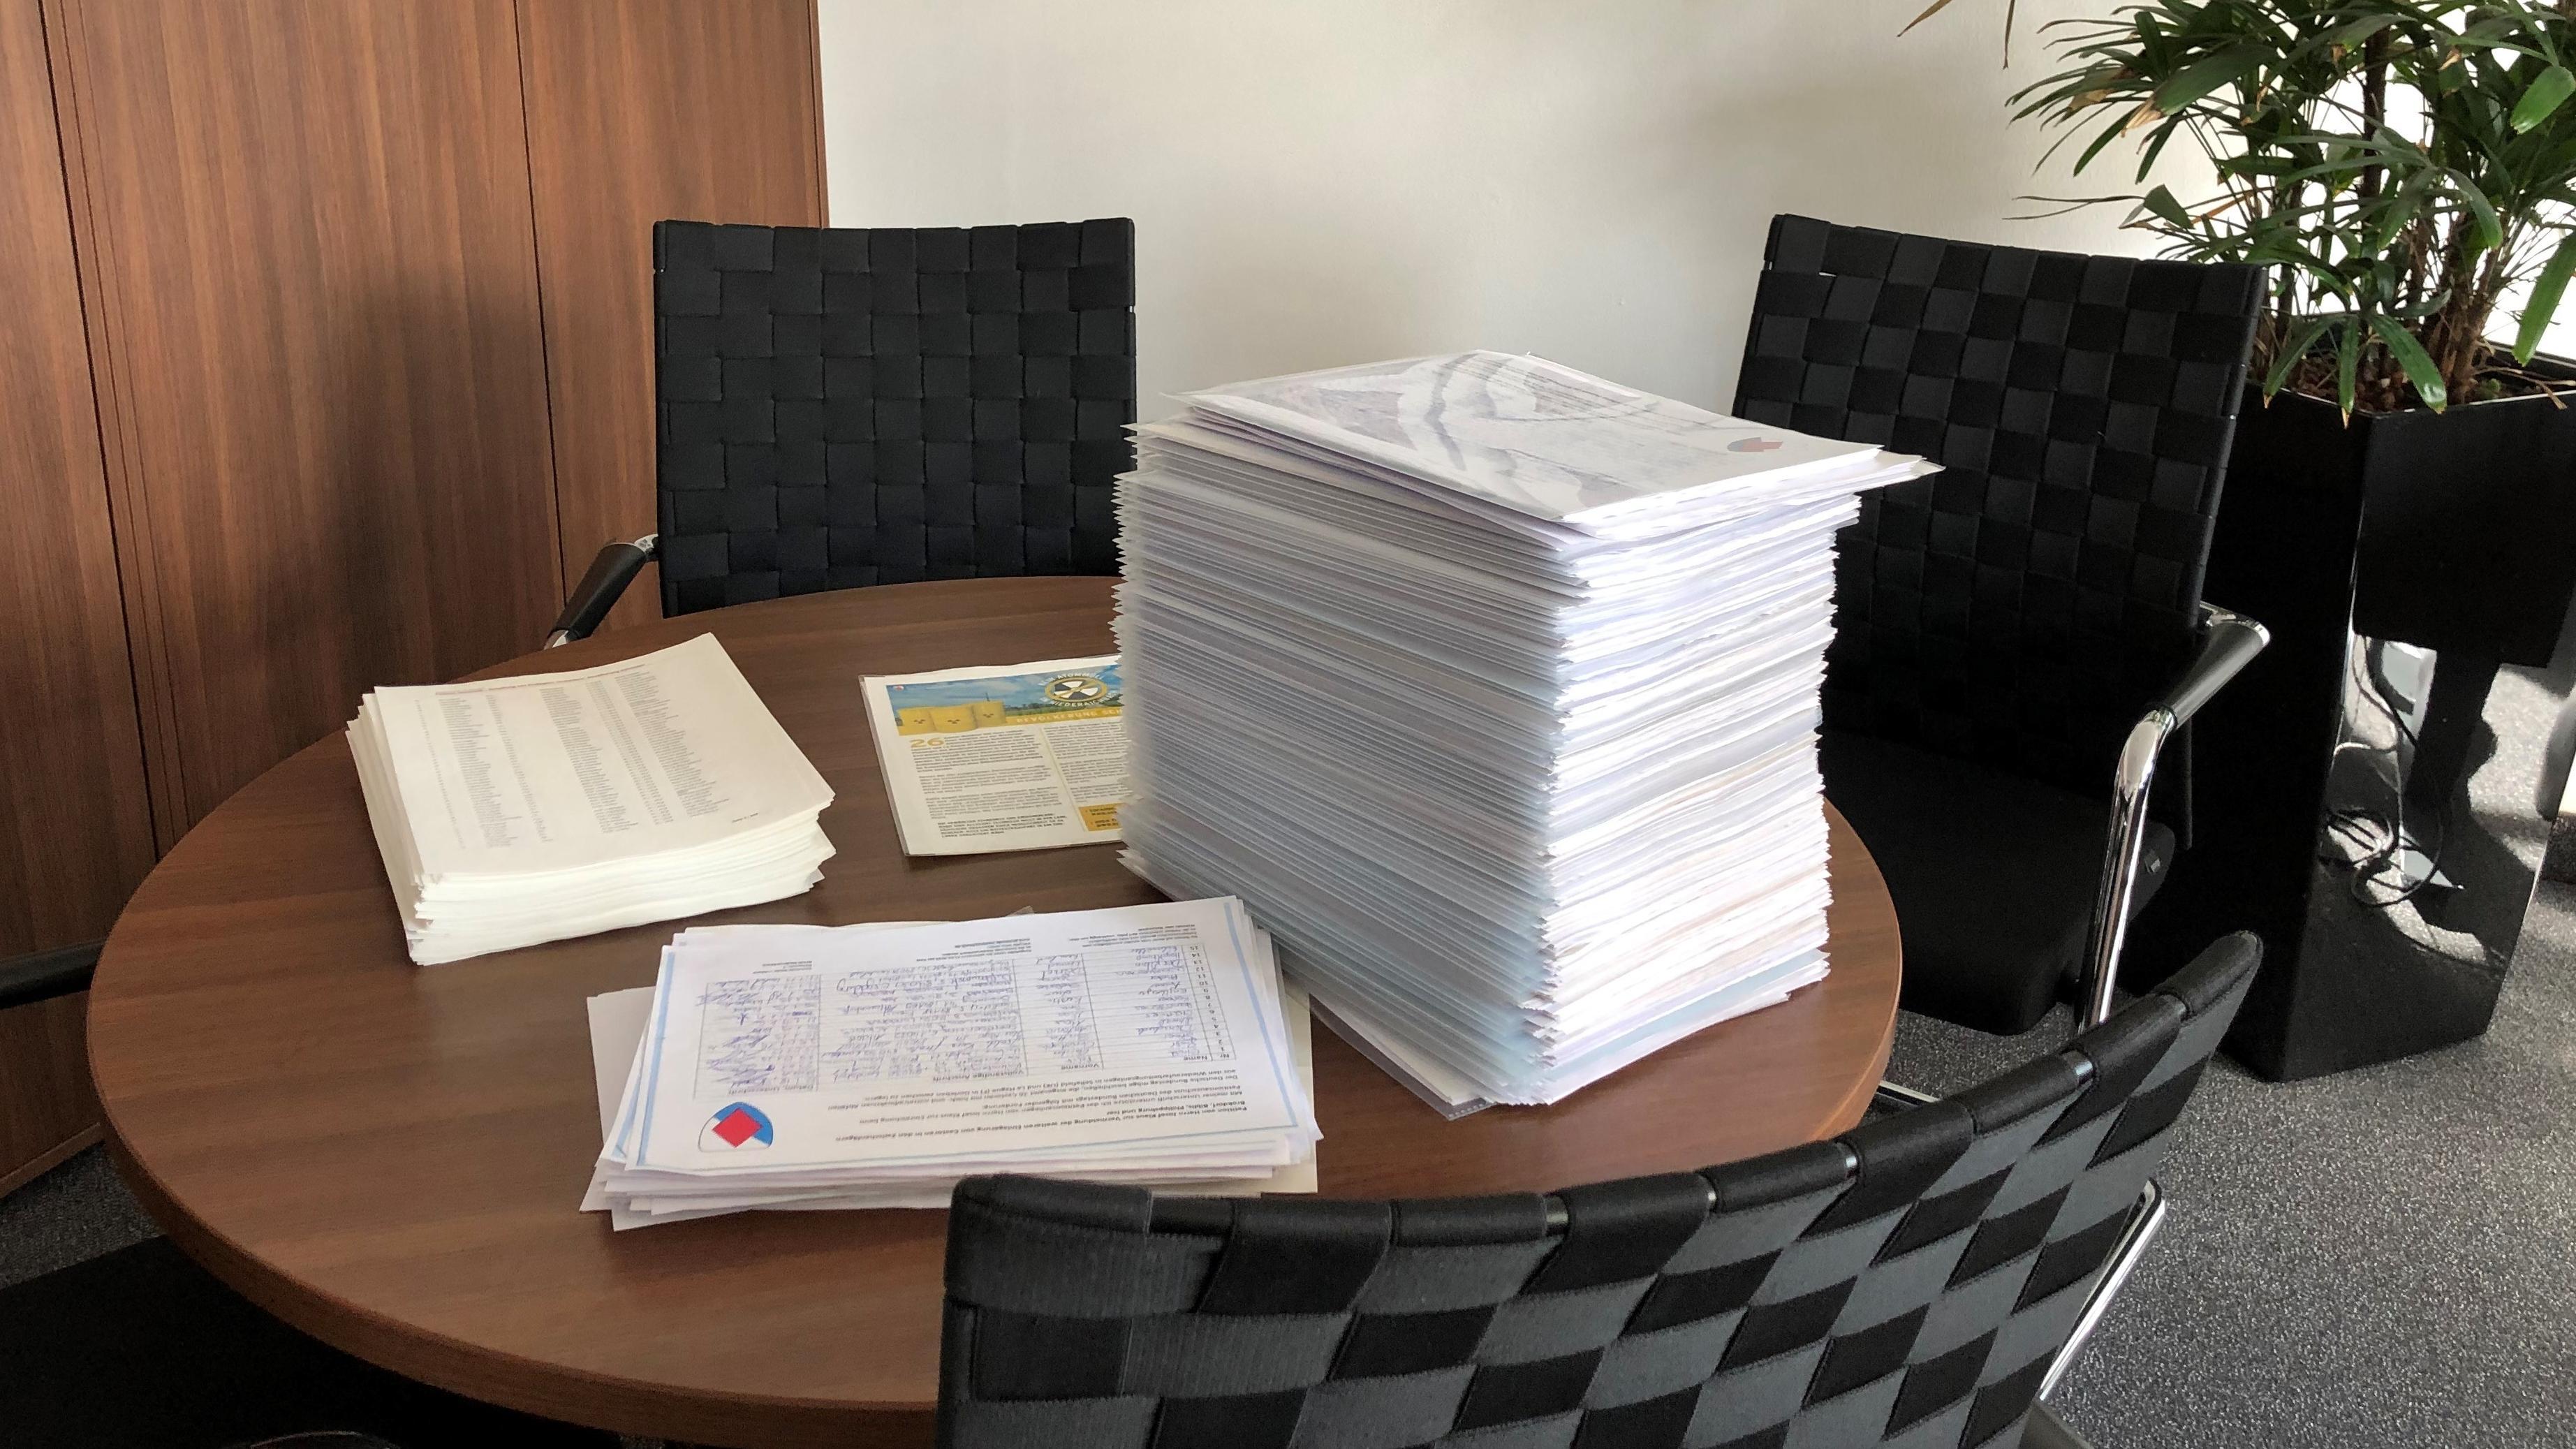 Über 46.000 Unterschriften gegen mögliches Atom-Endlager Niederaichbach